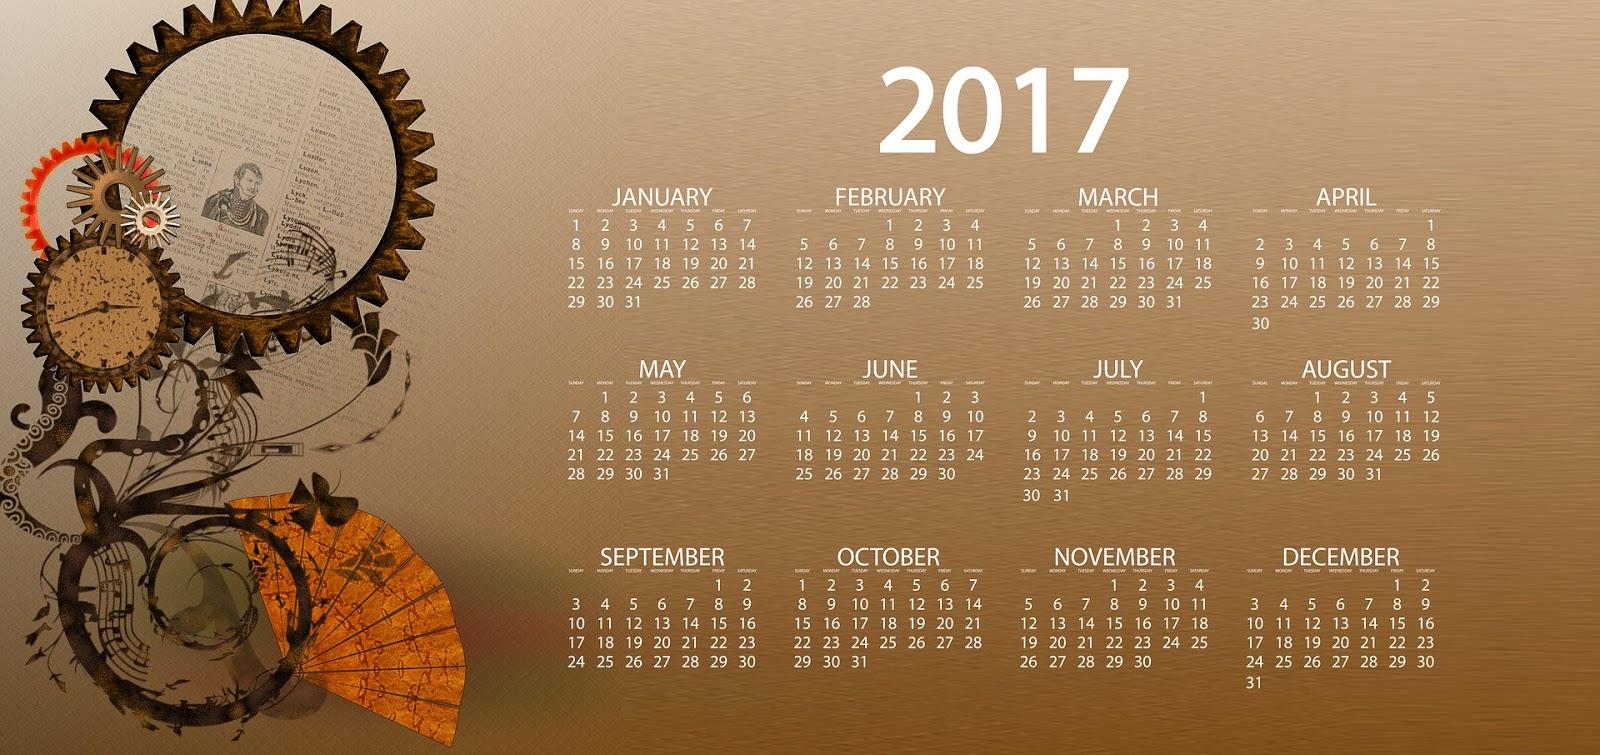 Обои рабочего стола календарь январь 2017